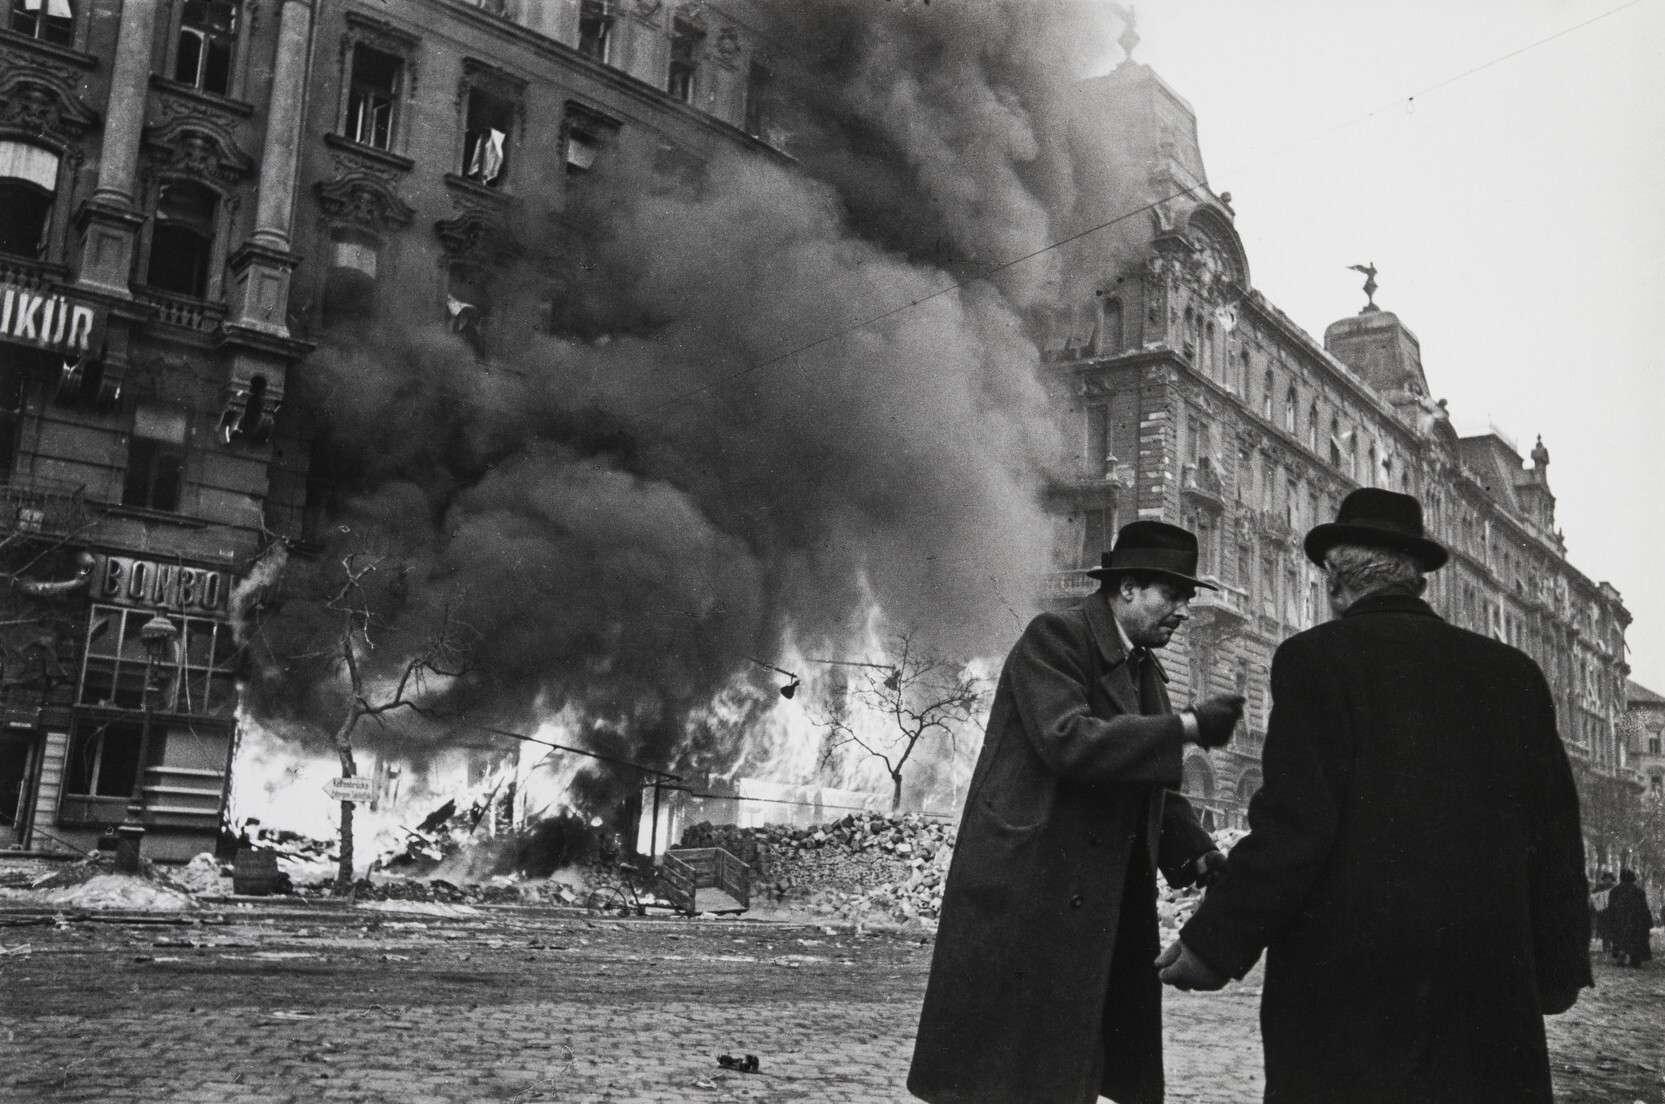 Евгений Халдей.    Улица после бомбежки   Венгрия, Будапешт, февраль 1945